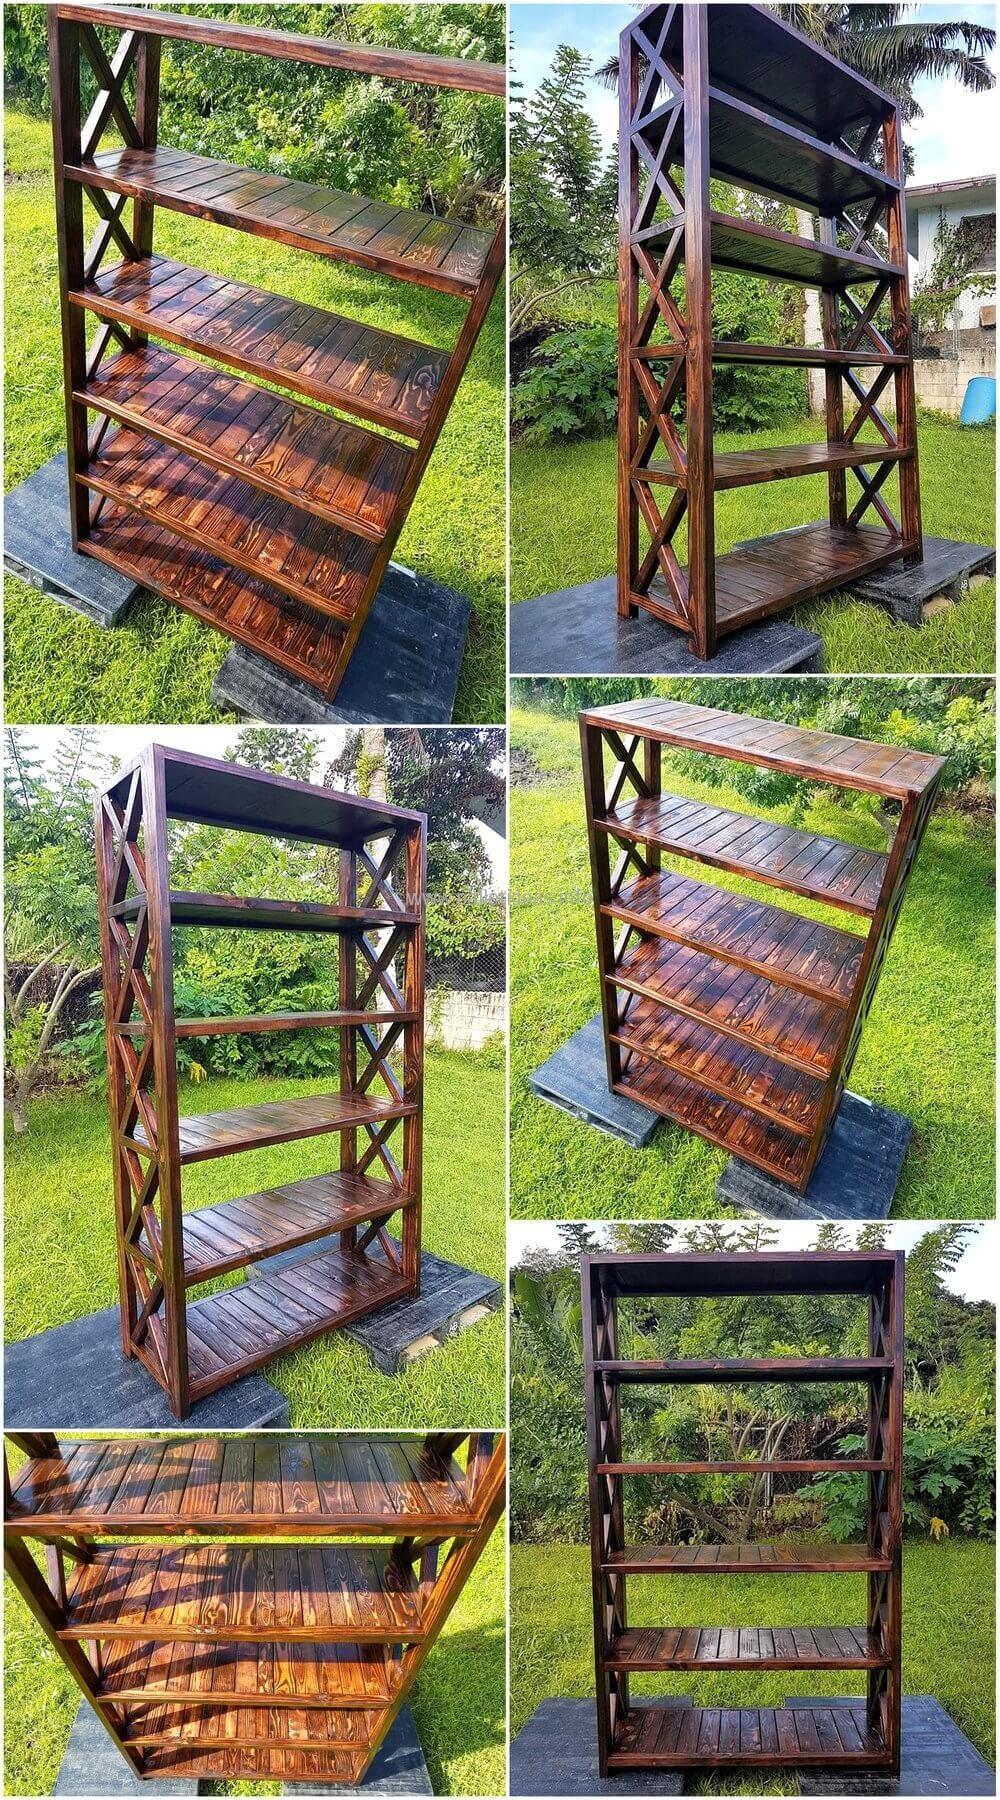 Wooden pallets heavy duty bookshelf